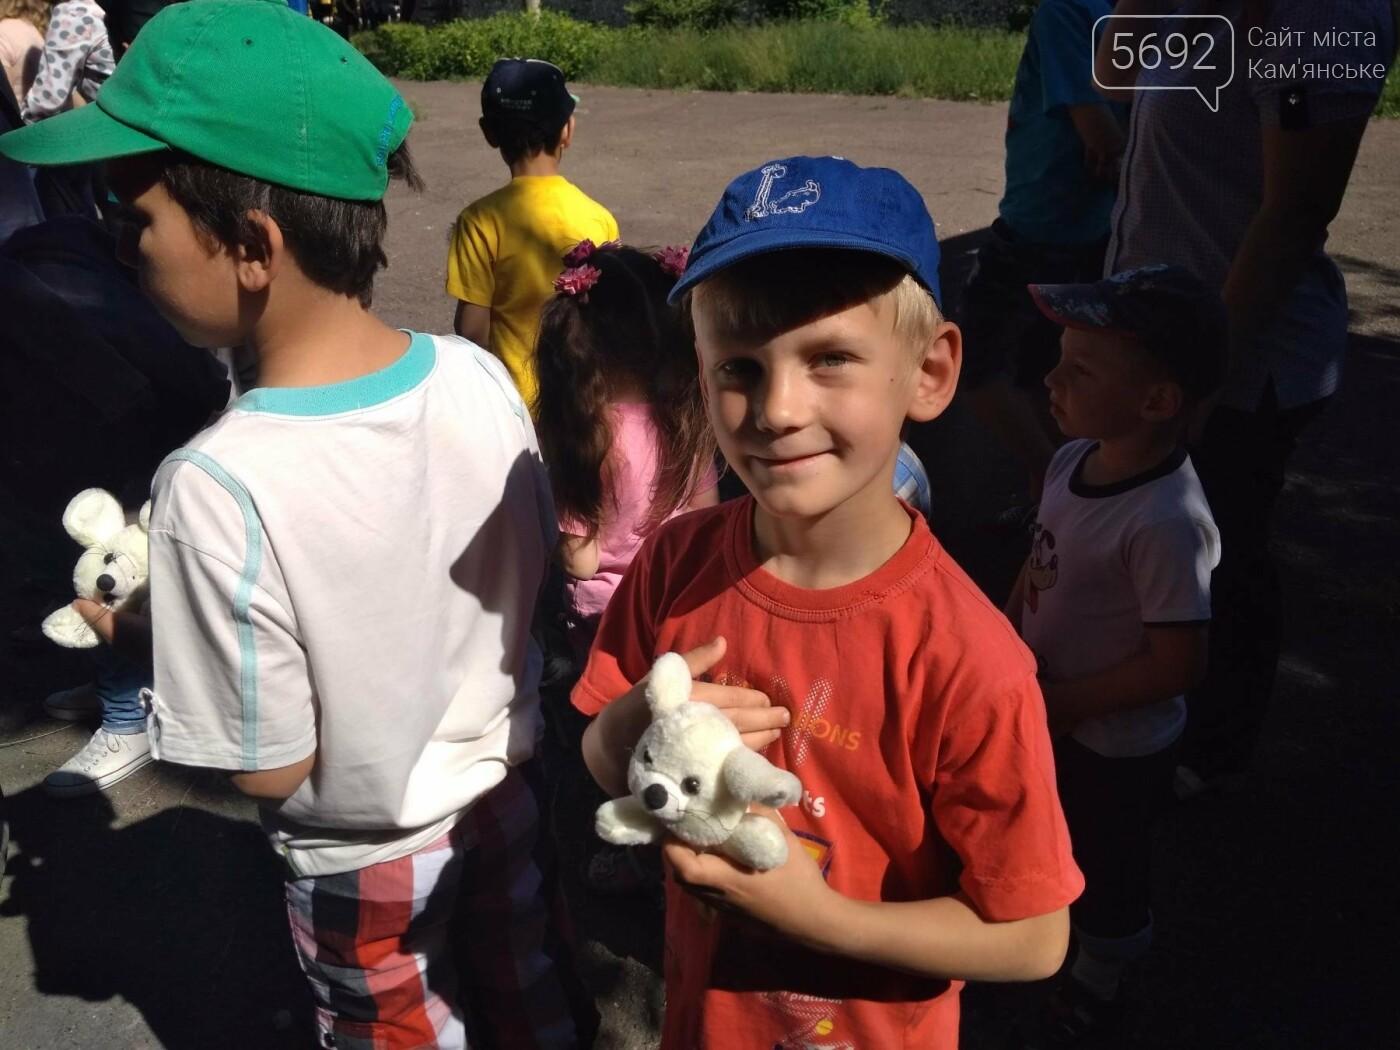 Байкеры Каменского прокатили на мотоциклах детей-сирот, фото-3